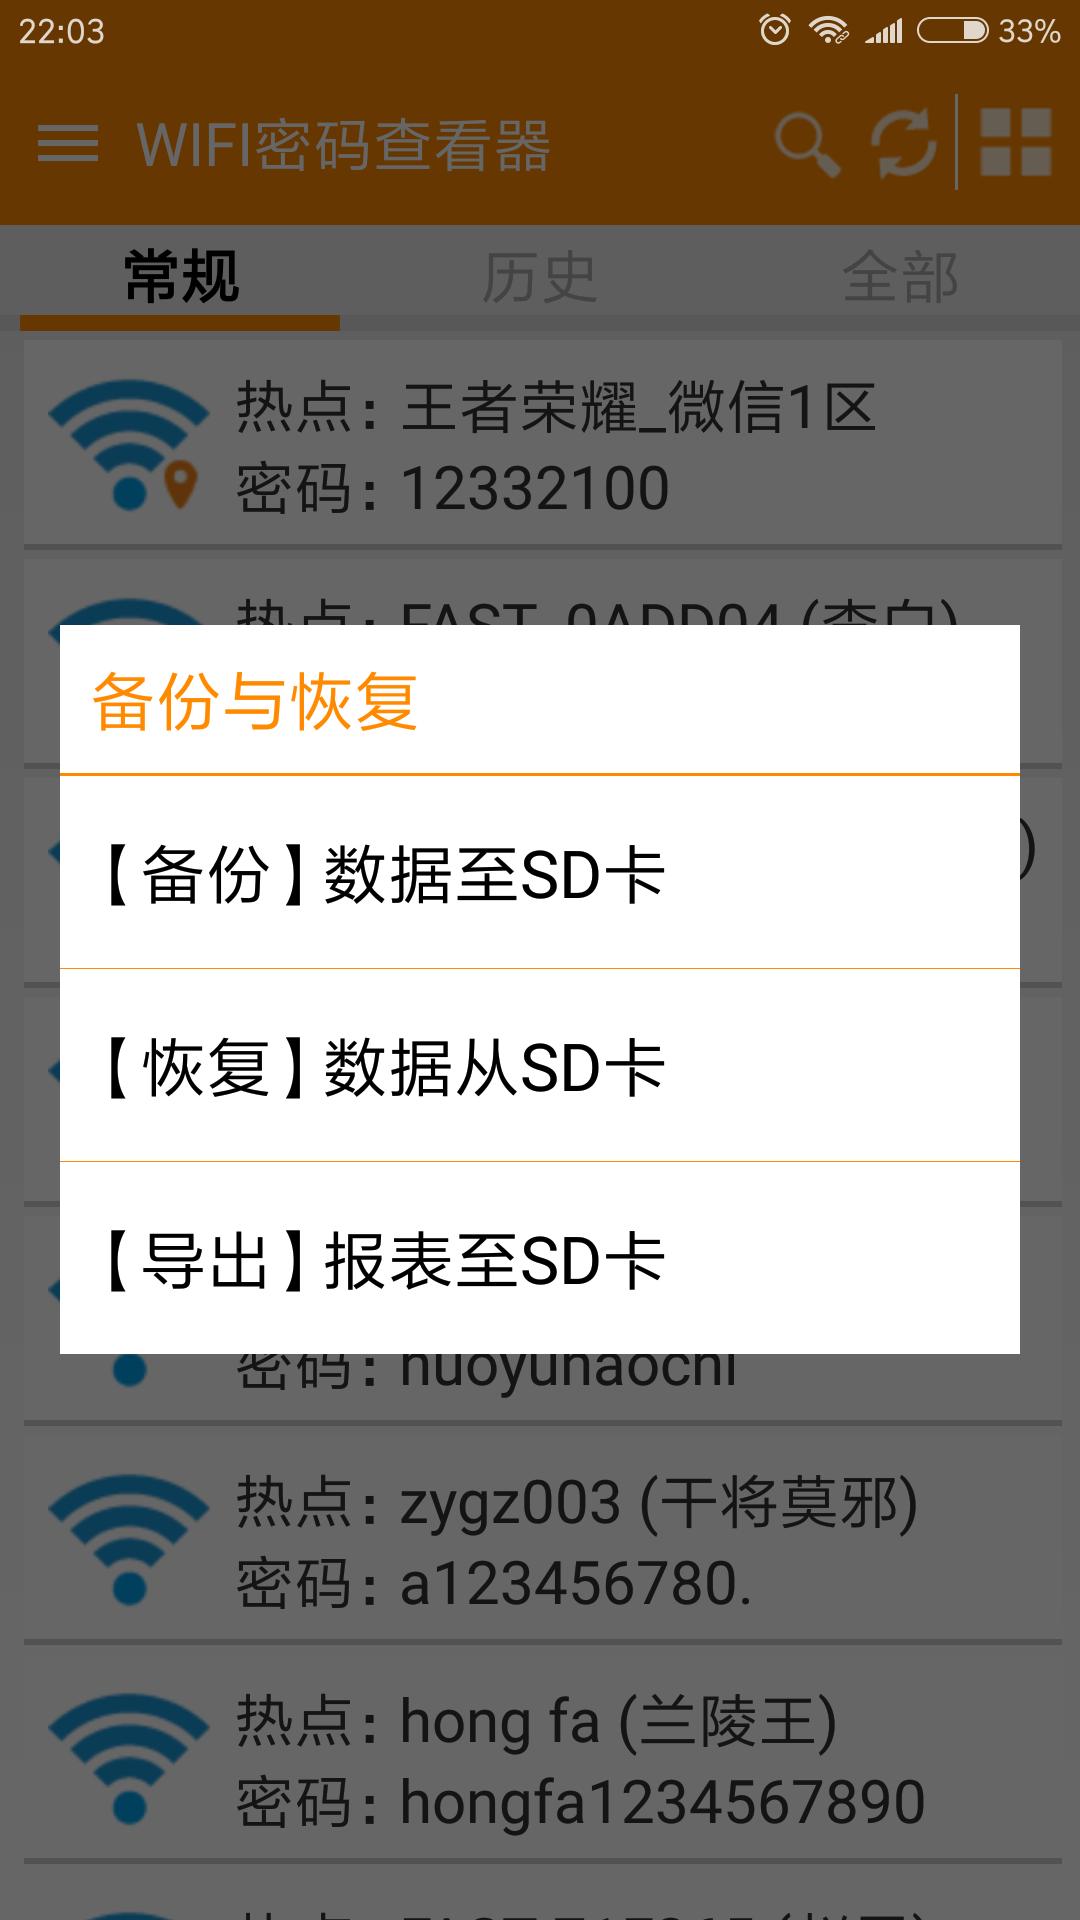 WIFI密码查看器截图(5)